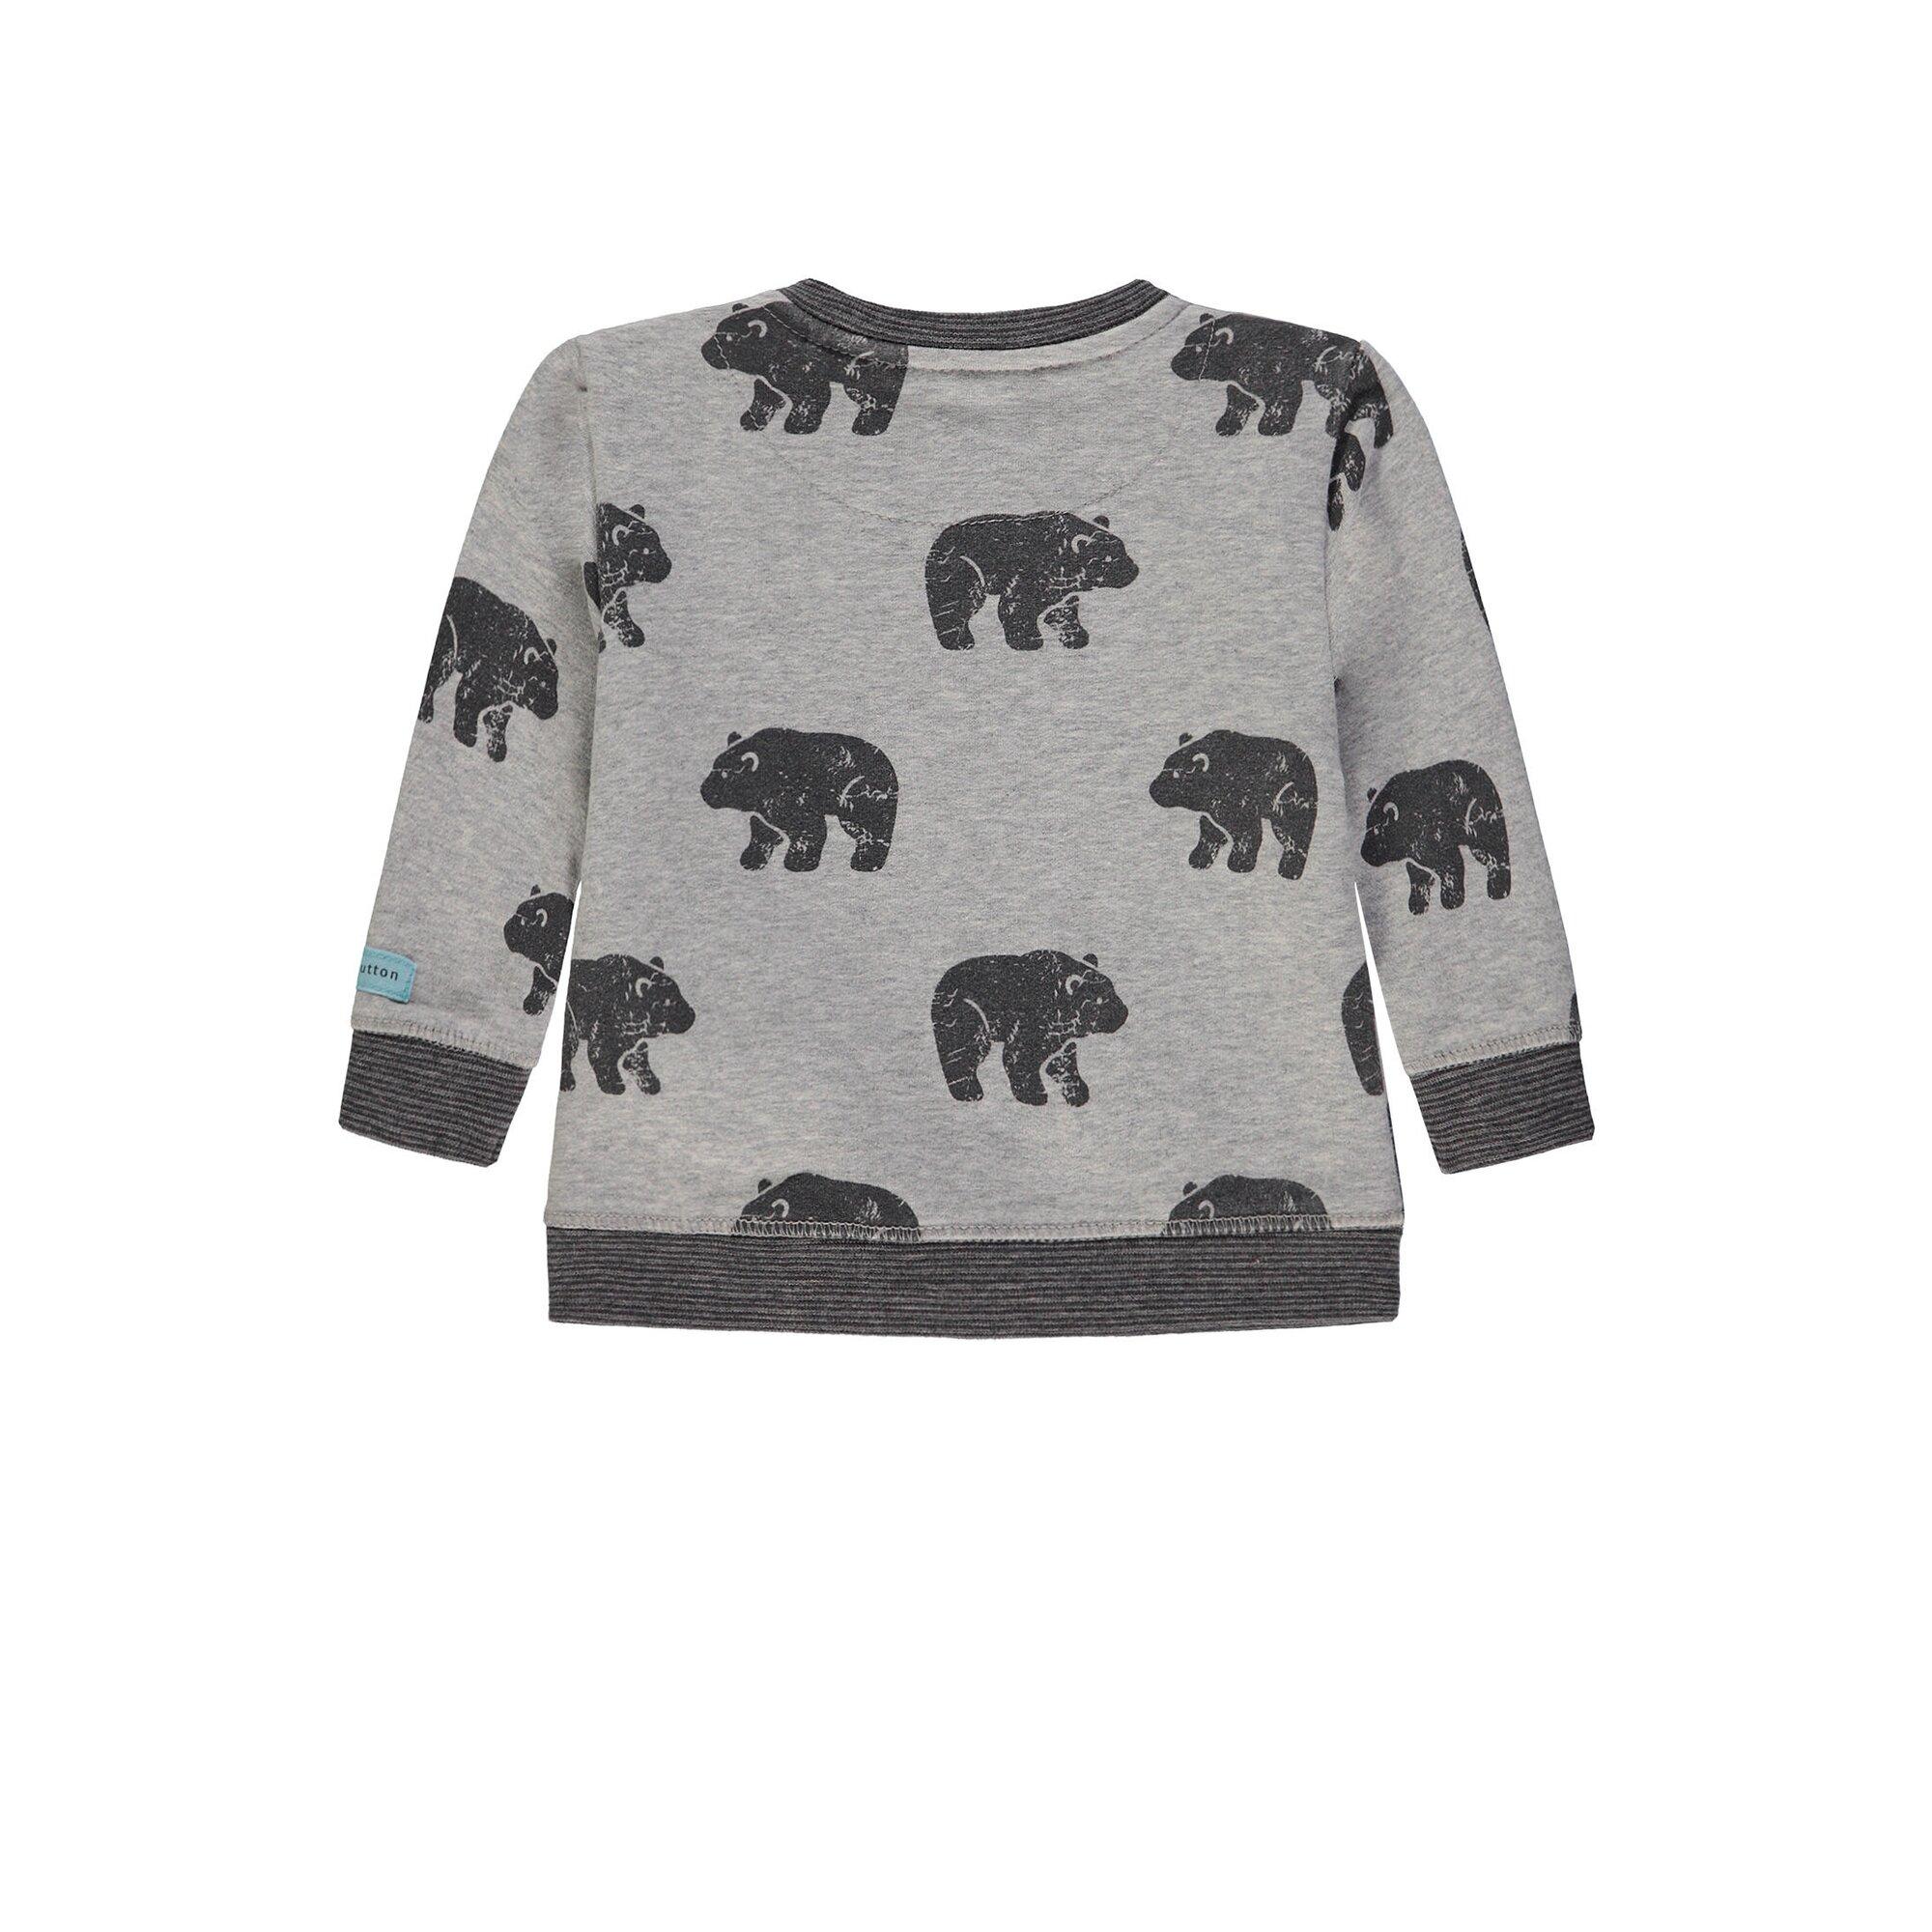 bellybutton-sweatshirt-mit-baren-print